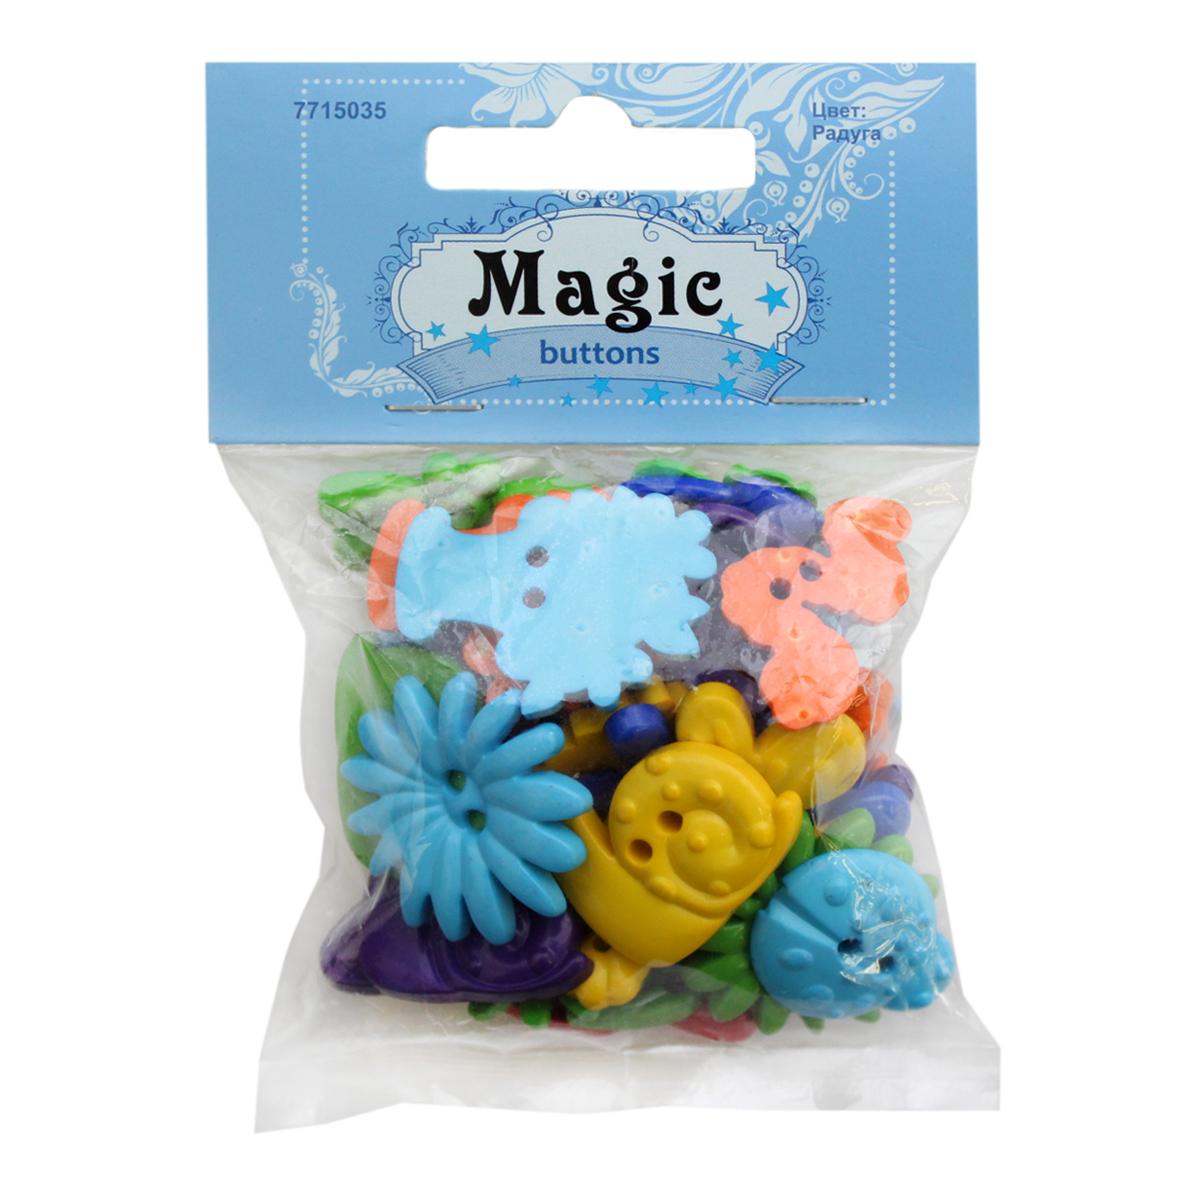 Пуговицы декоративные Magic Buttons Сад. Радуга, 30 г7715035_РадугаЯркие и красочные пуговицы Magic Buttons станут прекрасным дополнением к любому образу. Пуговицы выполнены в разных цветовых вариантах и формах.